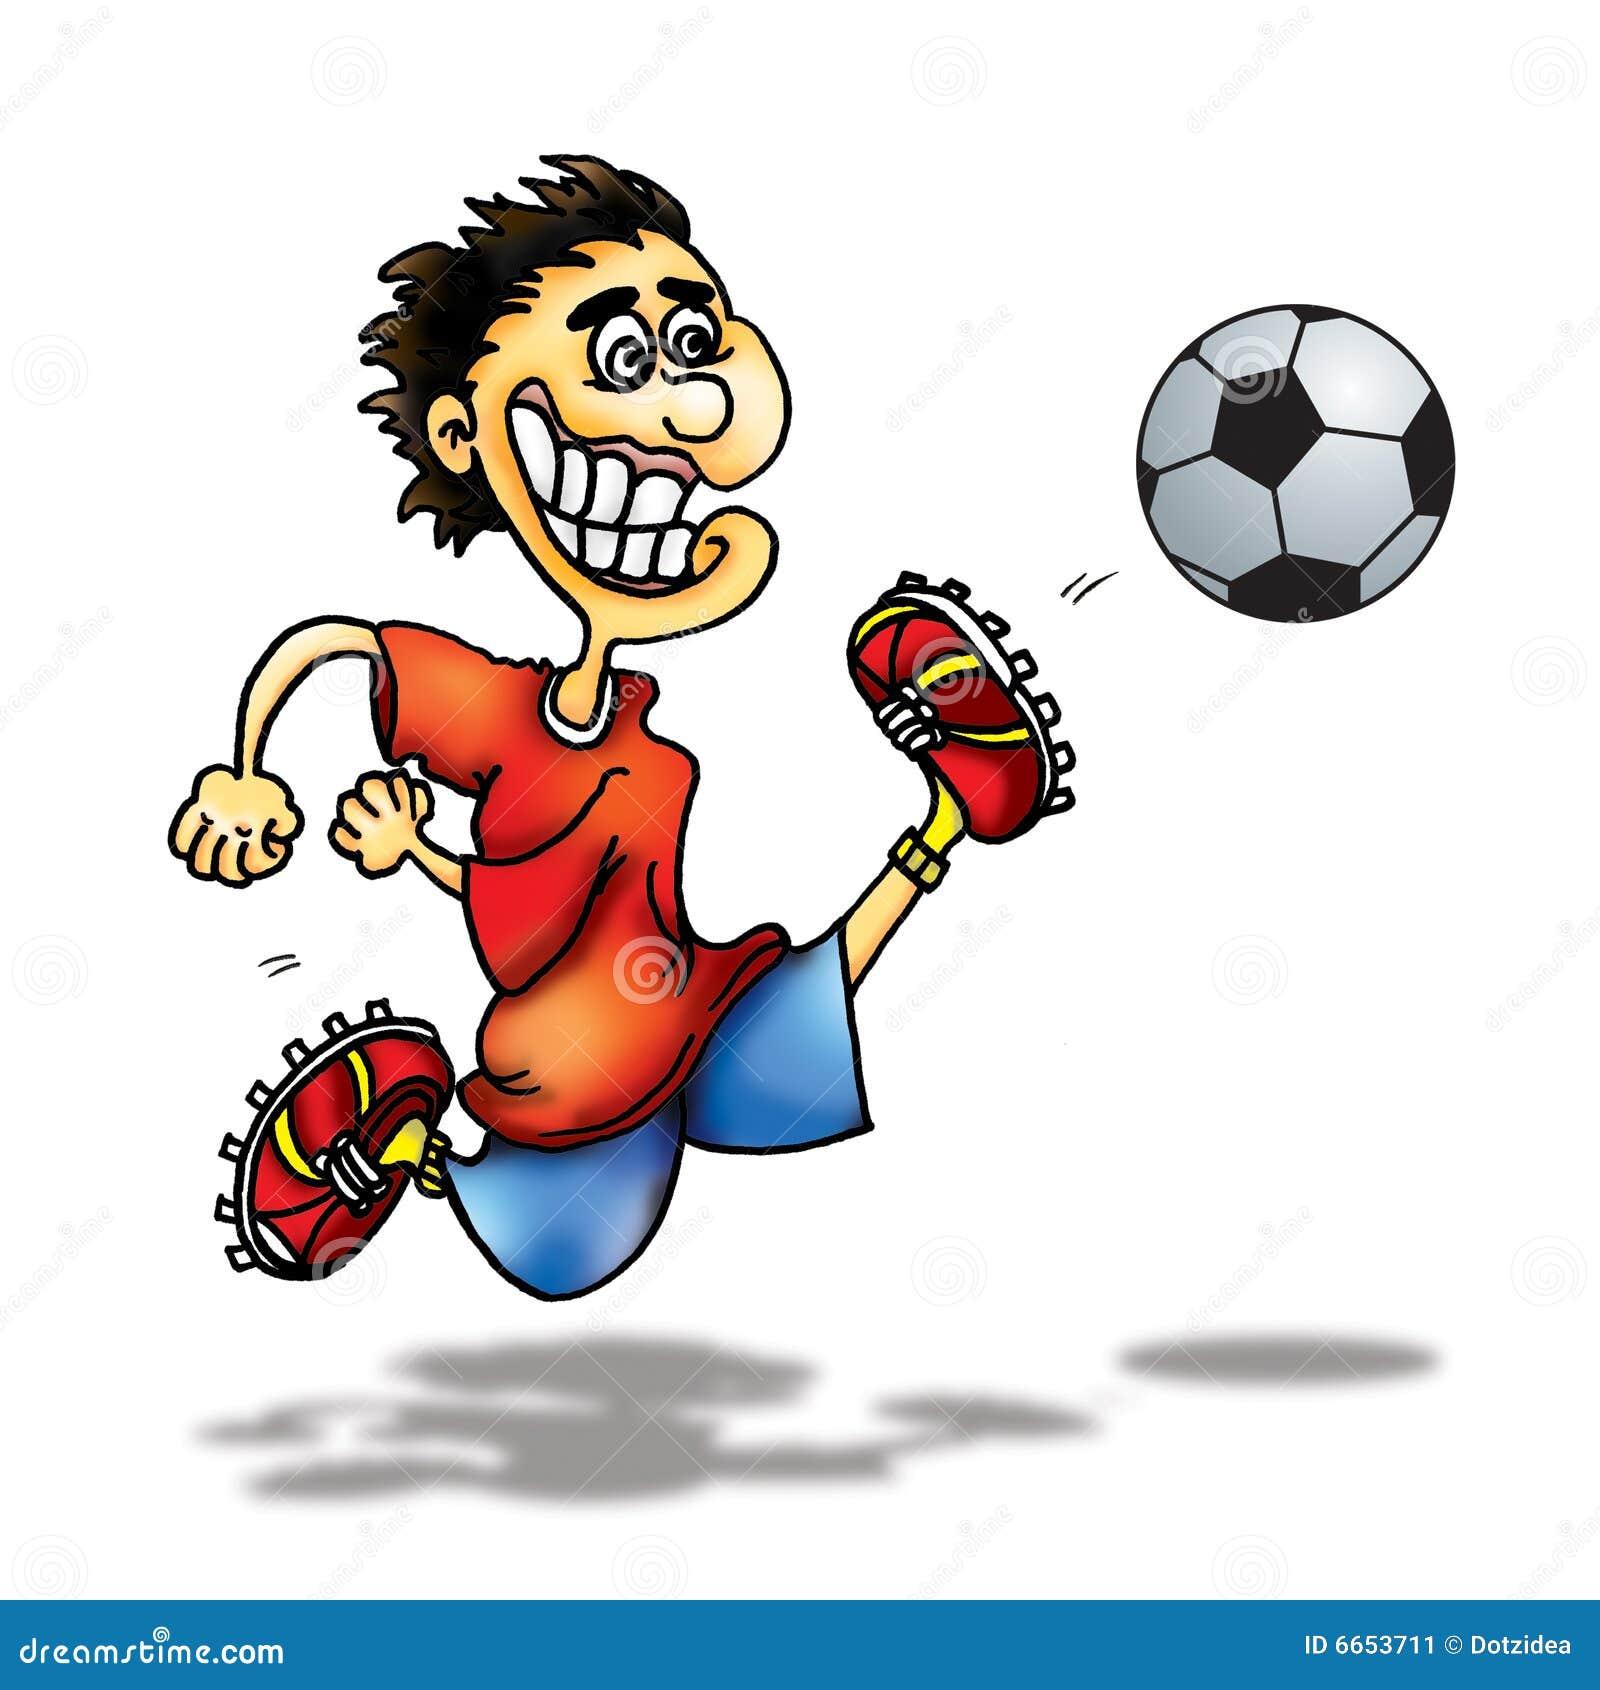 Football Clip Art Image  RoyaltyFree Vector Clipart